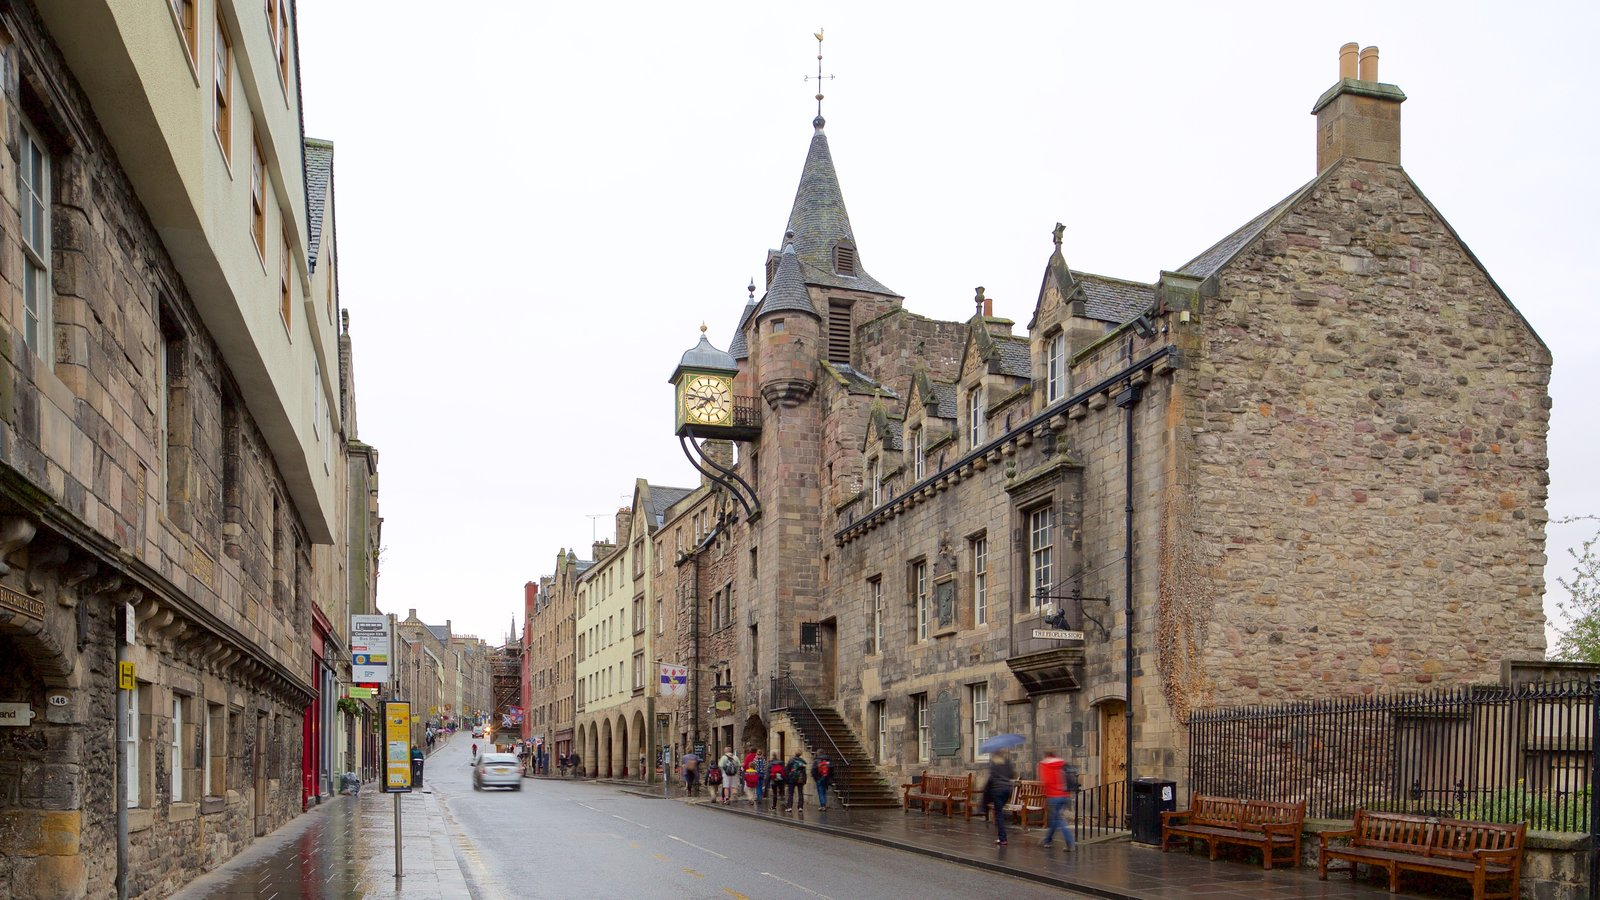 Old Town que incluye escenas urbanas y elementos del patrimonio